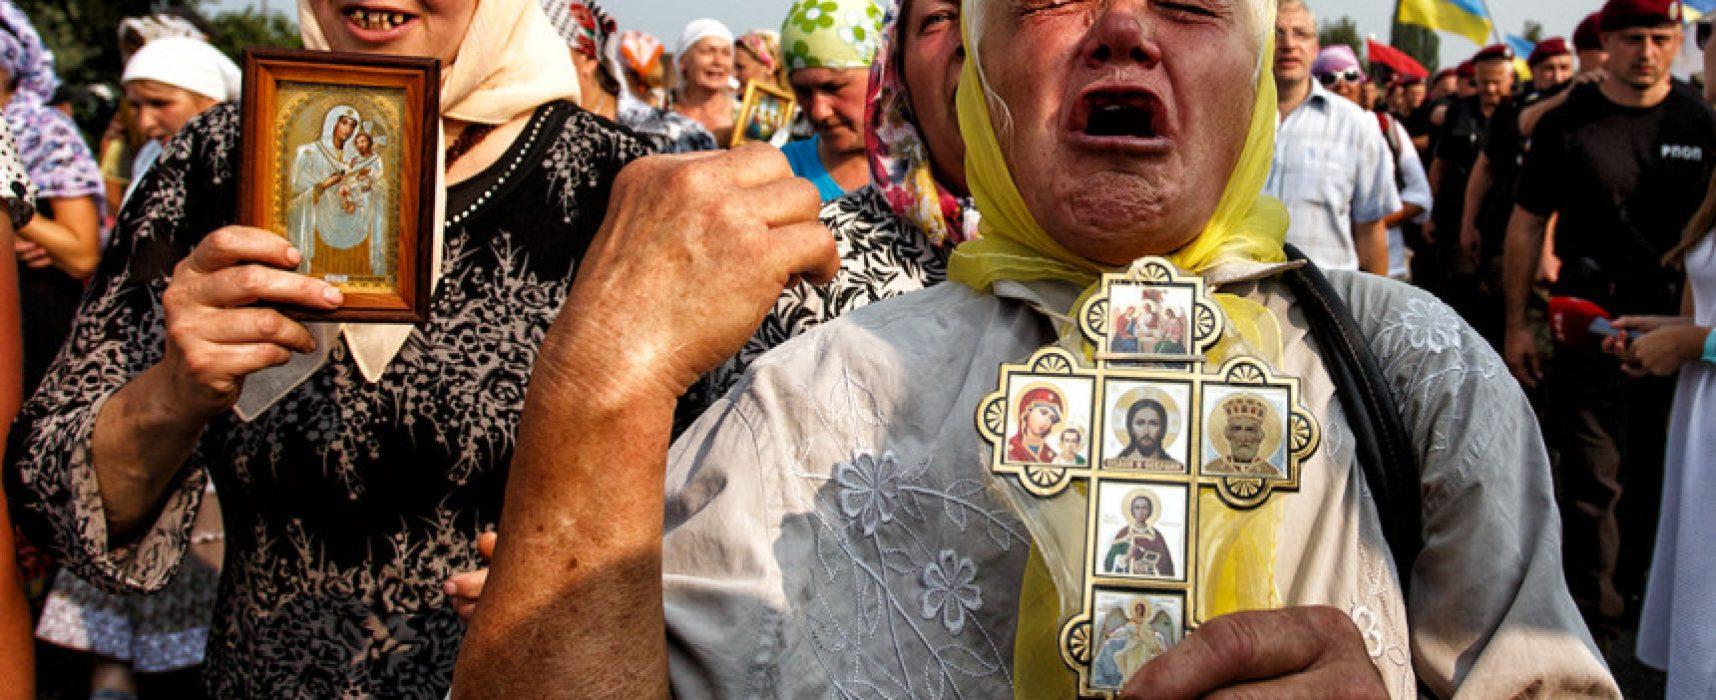 La procession religieuse orthodoxe. Qui a besoin de prier pour la paix et pourquoi